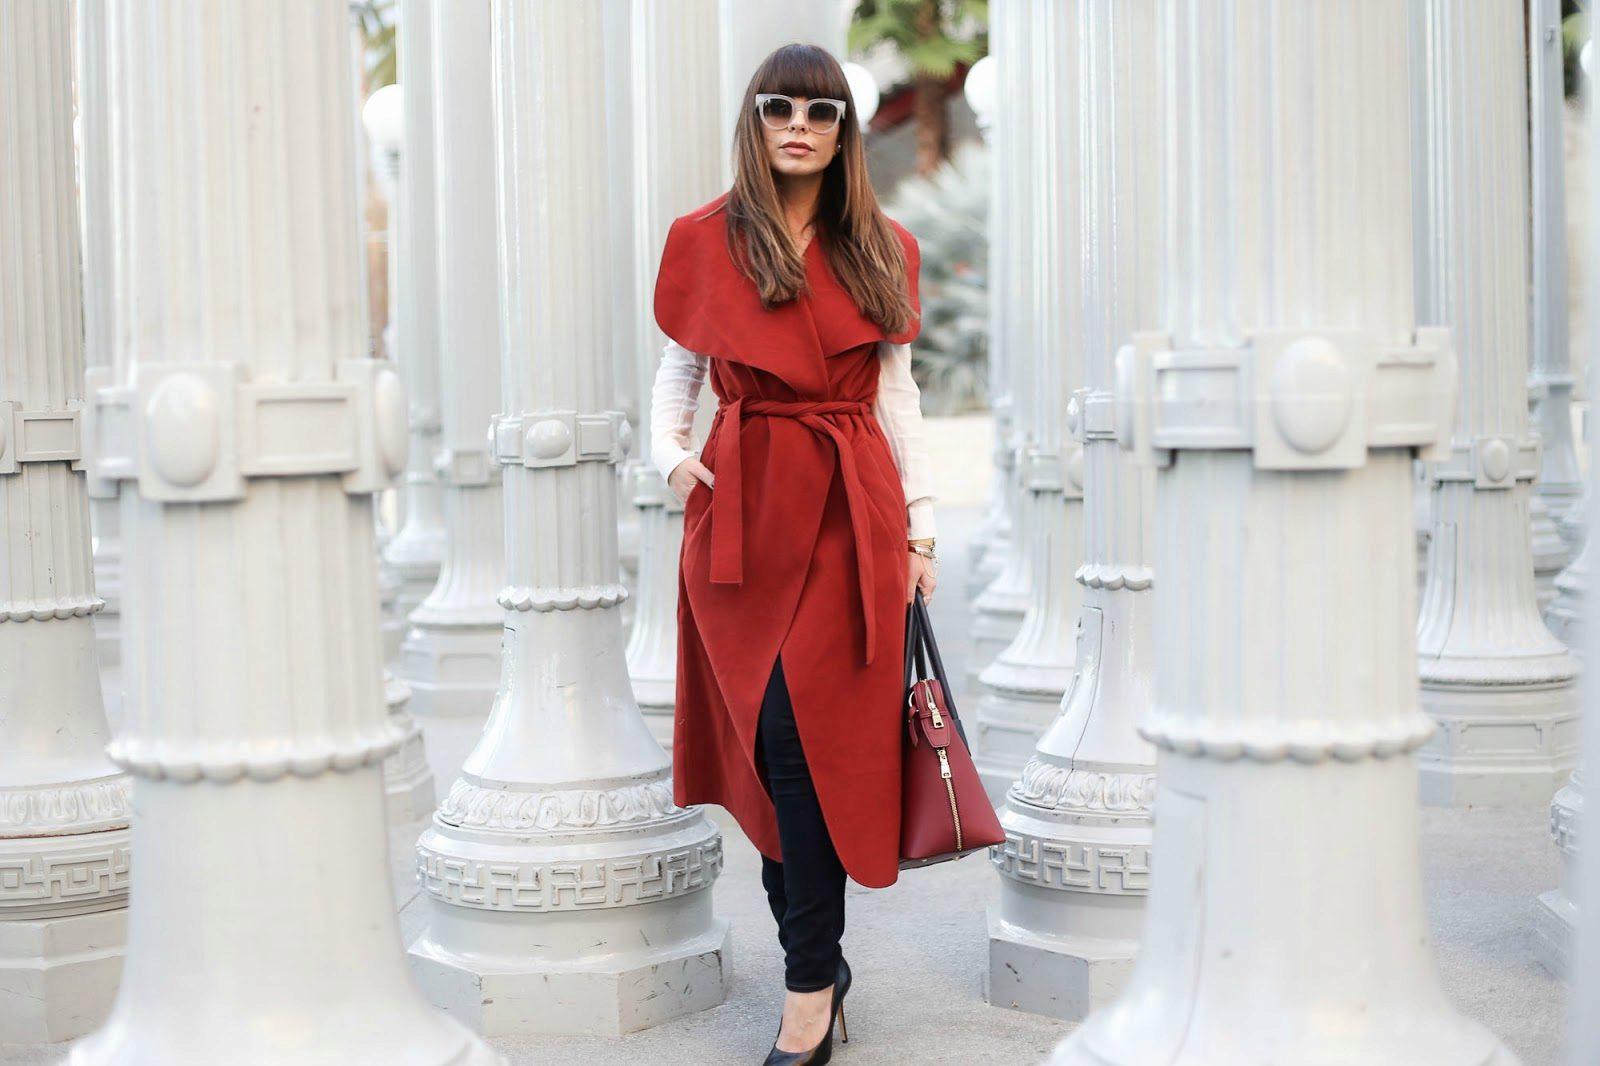 Смотреть Модный серый, или Как выглядеть яркой и стильной в серых нарядах. Образы 7 и 12 не покидают мои мысли видео